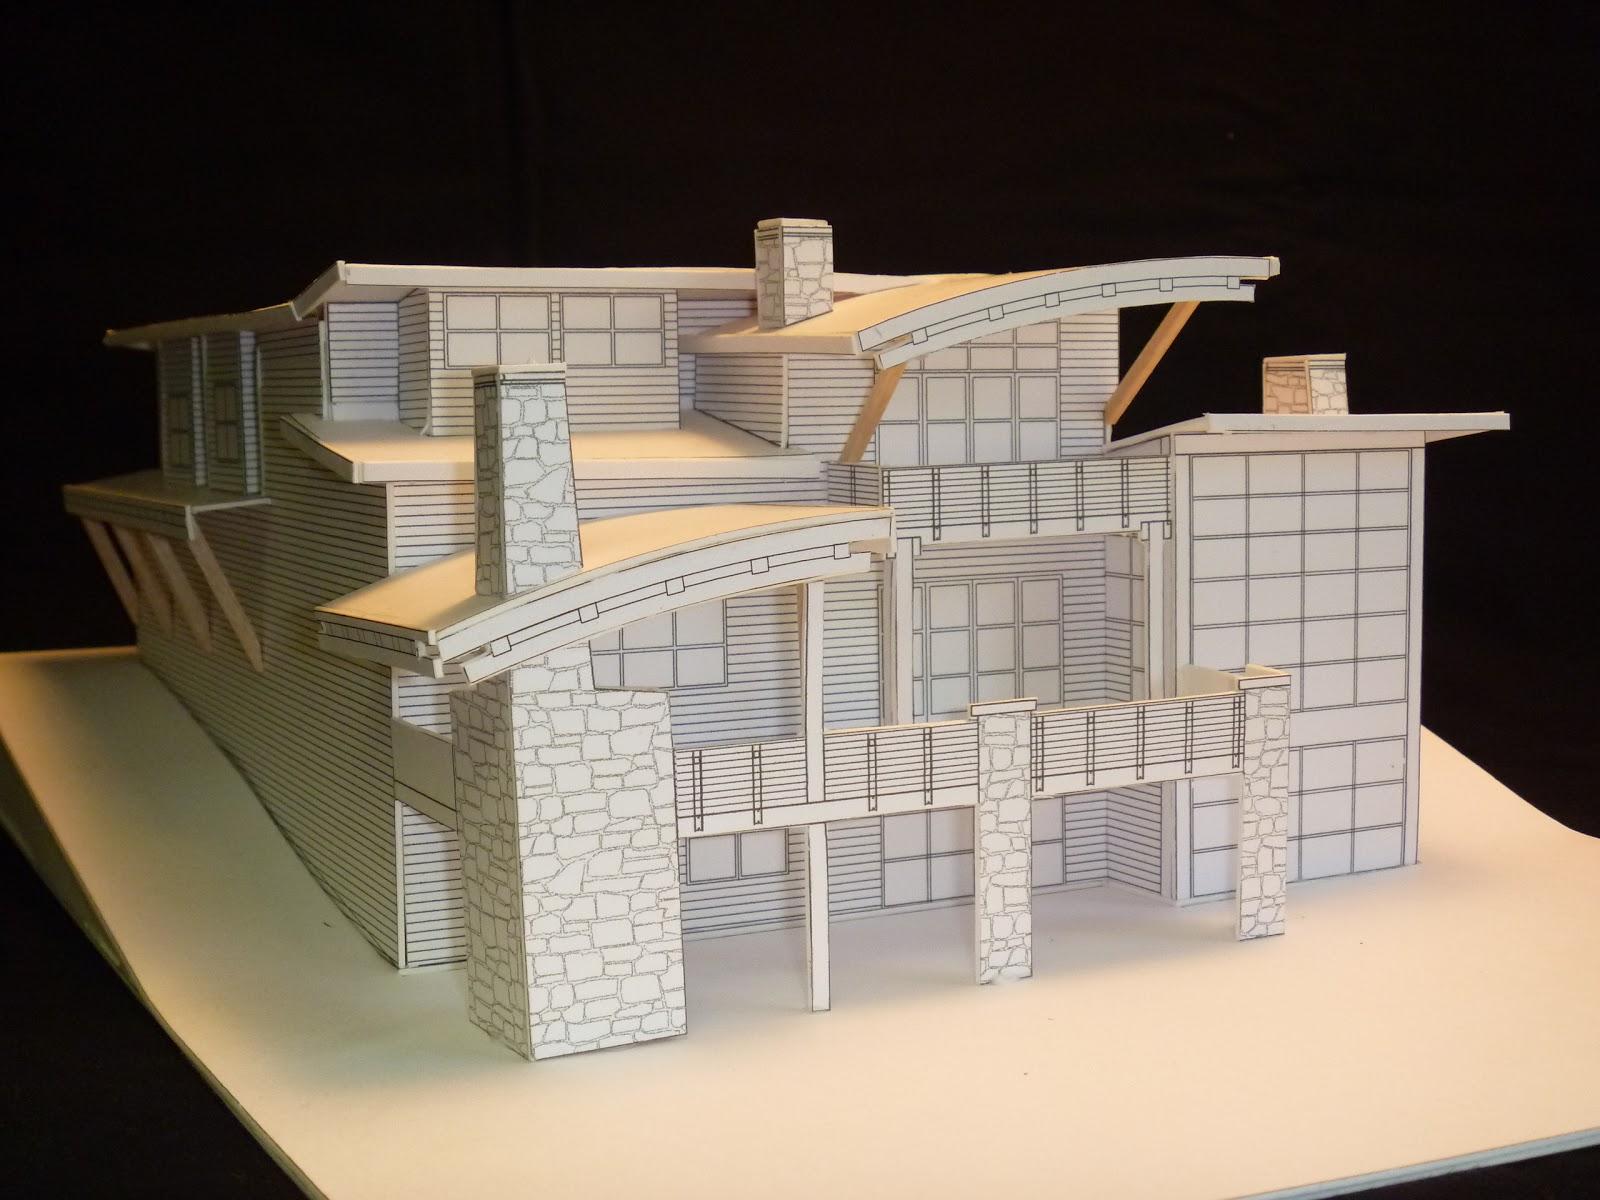 Steven dona architecture traditional vs modern home designs - Contemporary vs modern design ...